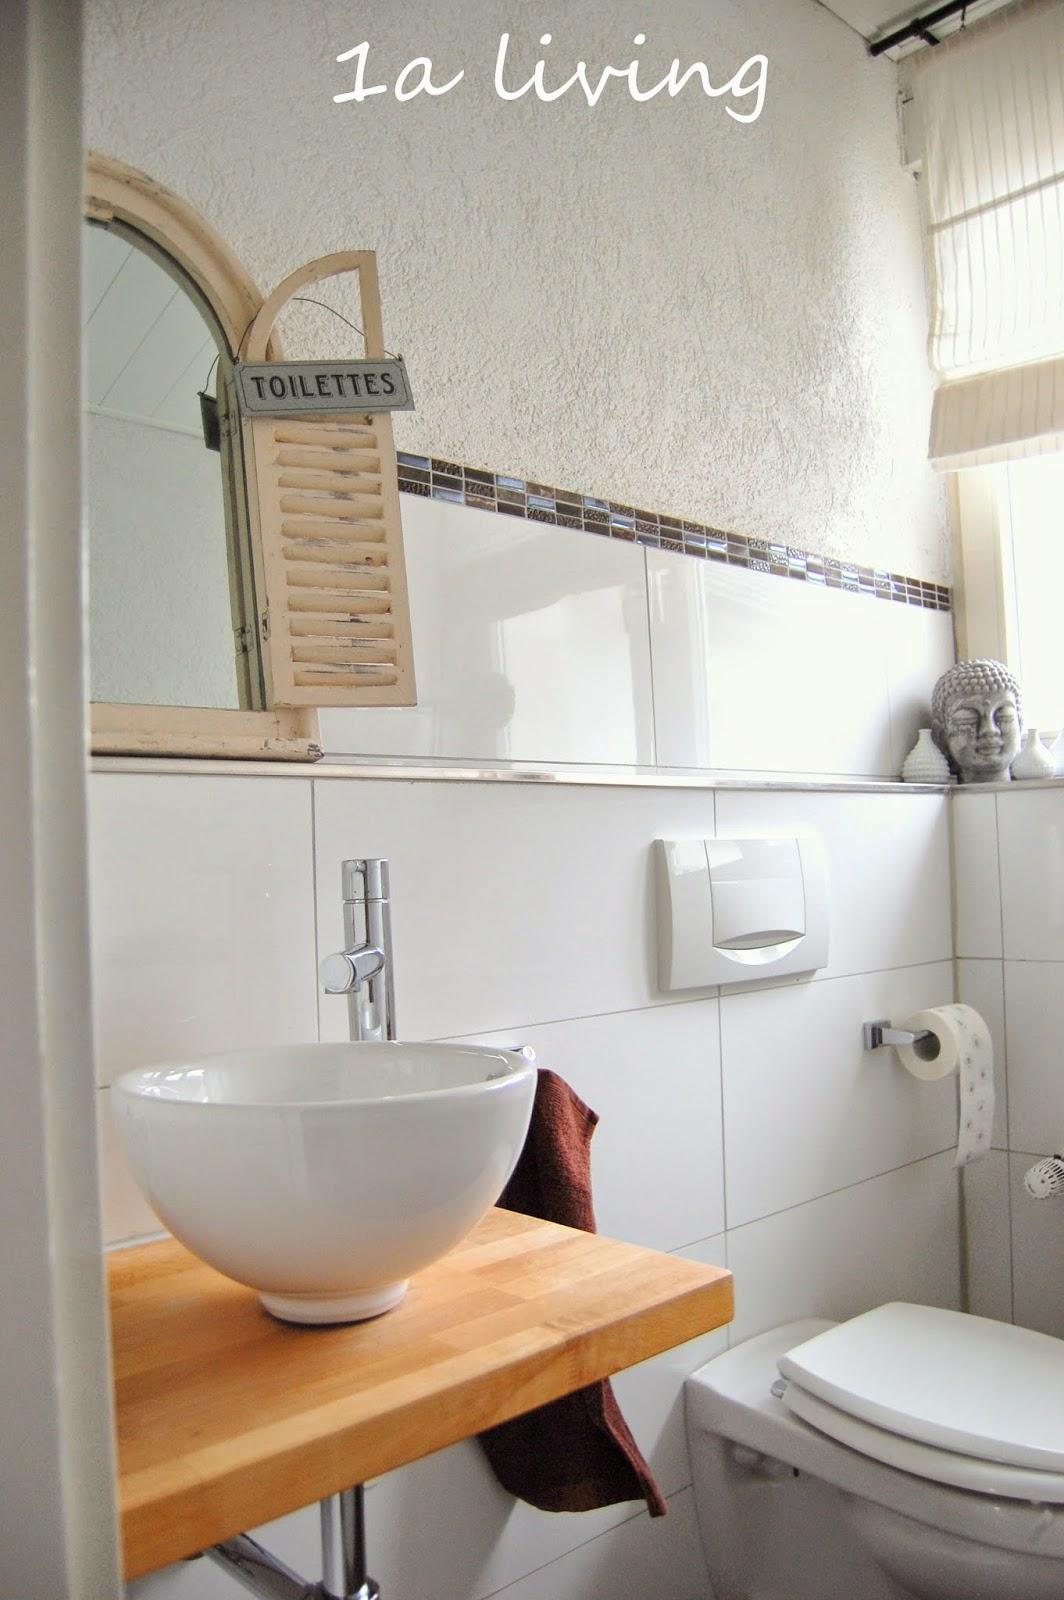 g ste wc farbgestaltung g ste wc florenz bei hornbach sanierung eines g ste wc s bei landau g. Black Bedroom Furniture Sets. Home Design Ideas